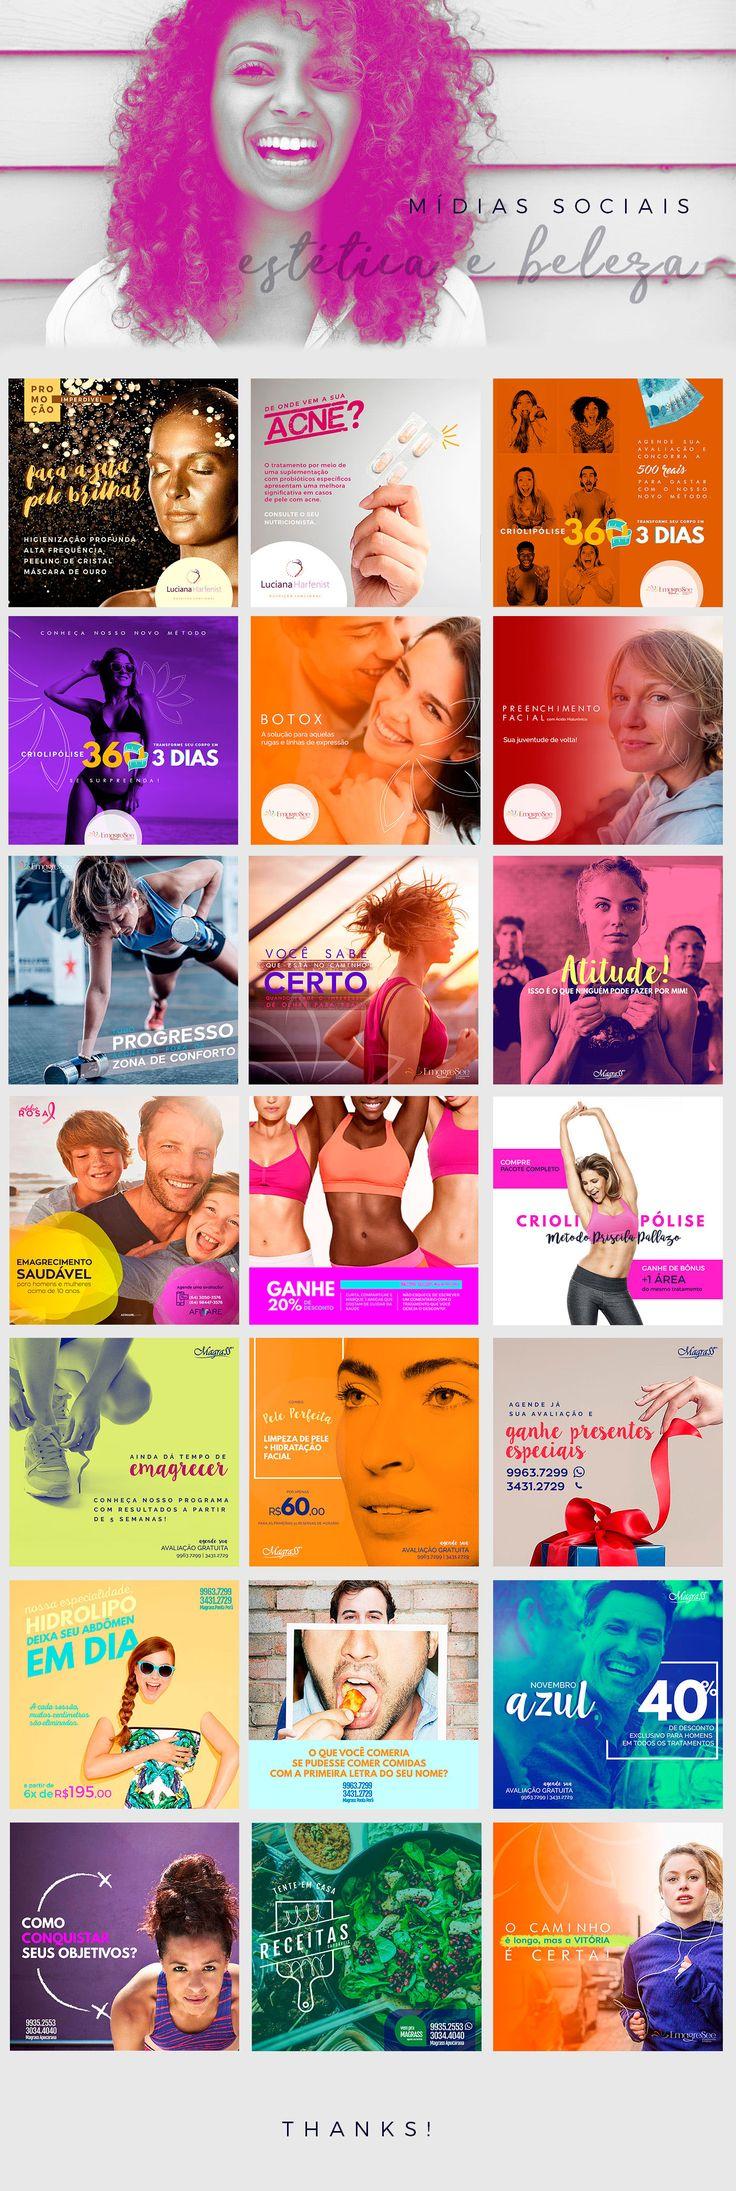 Social Media | Estética e Beleza on Behance